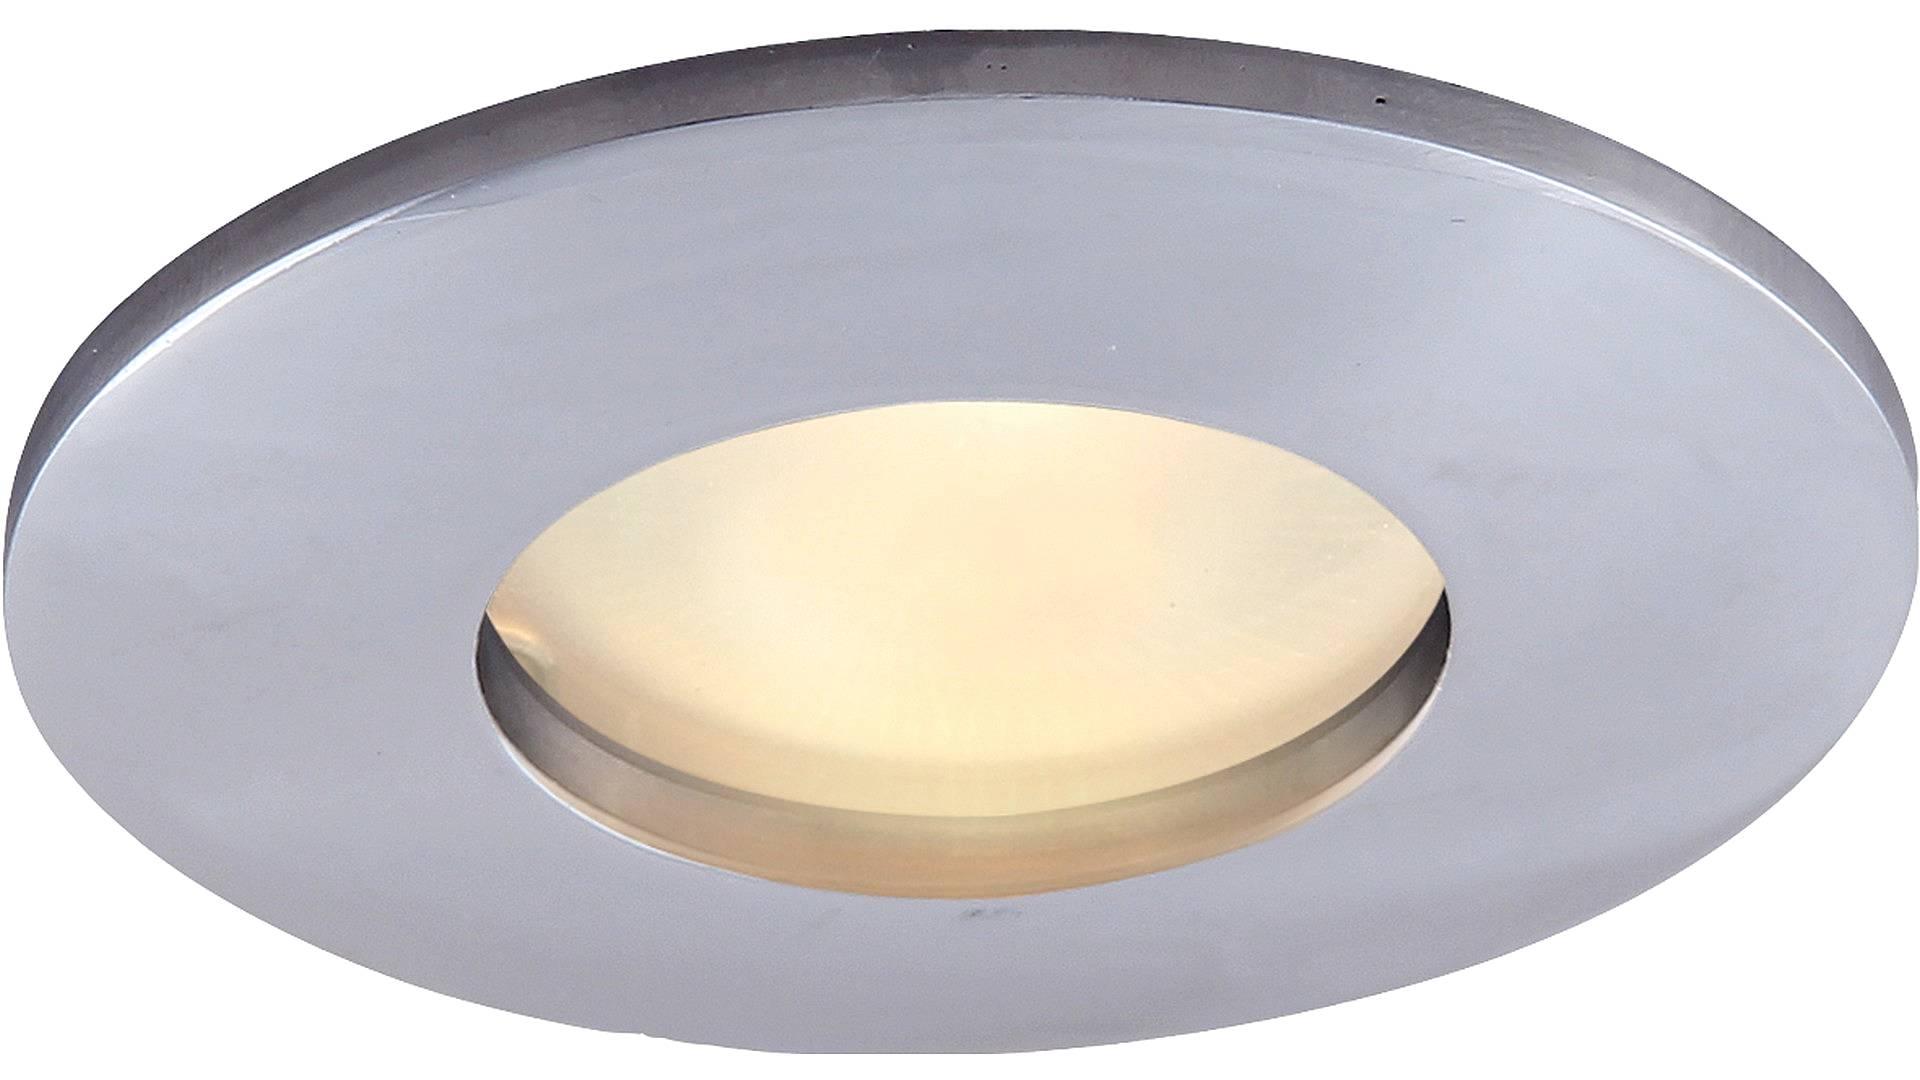 Фото товара A5440PL-1CC Arte Lamp